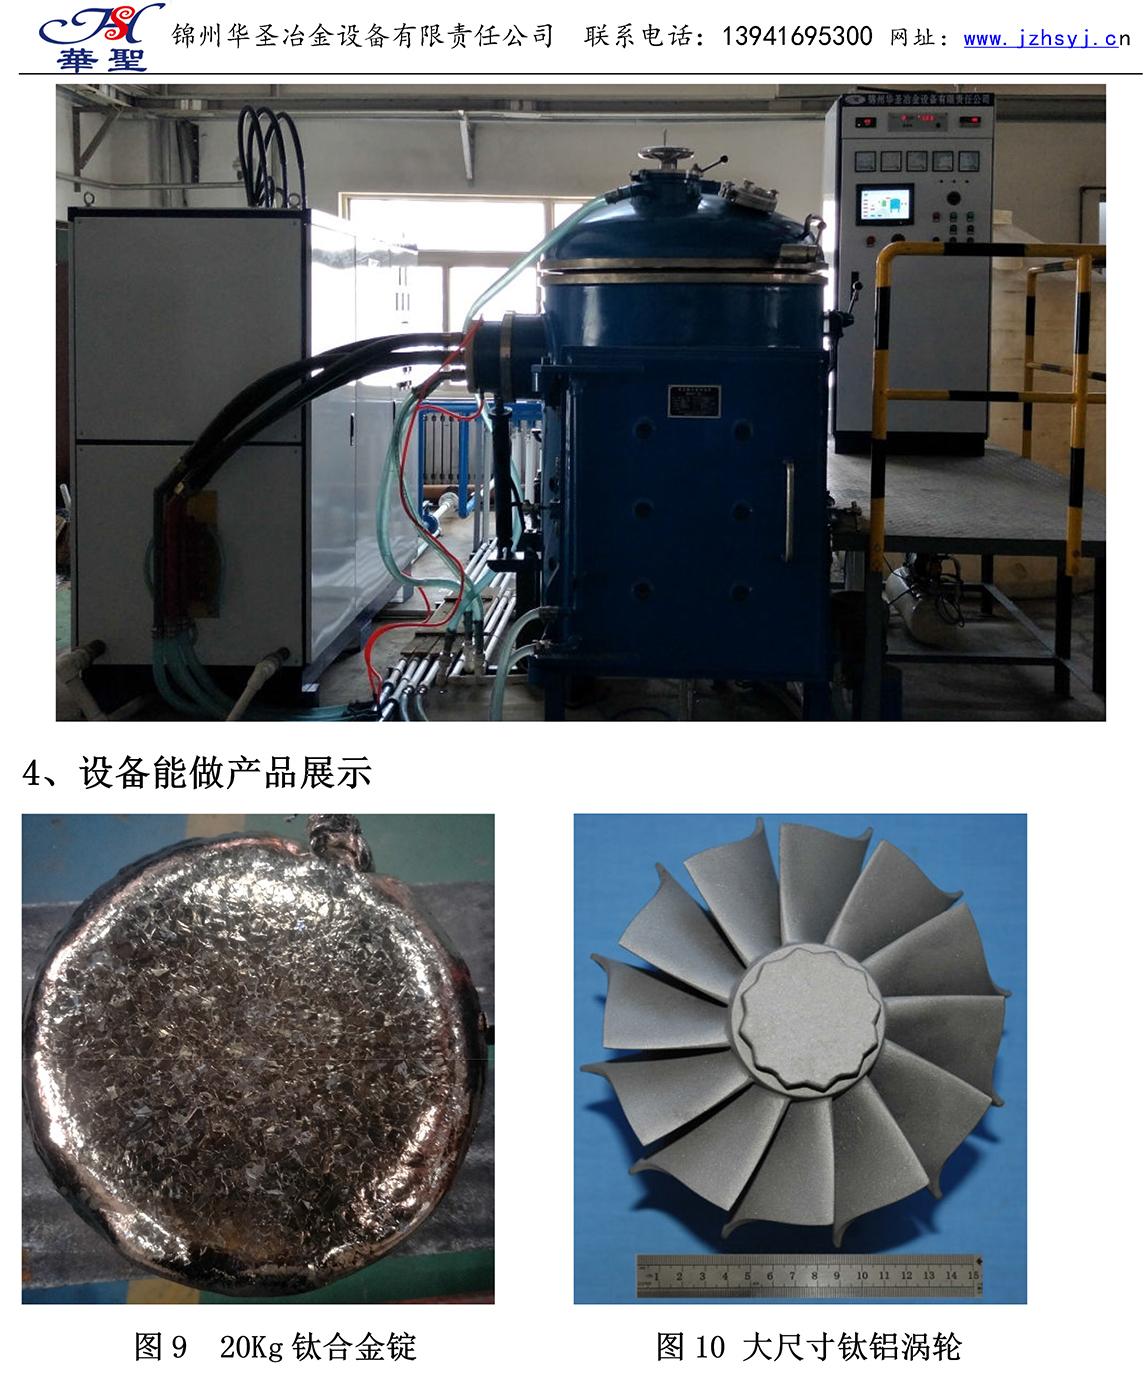 悬浮炉设备及产品介绍20180718-6.jpg